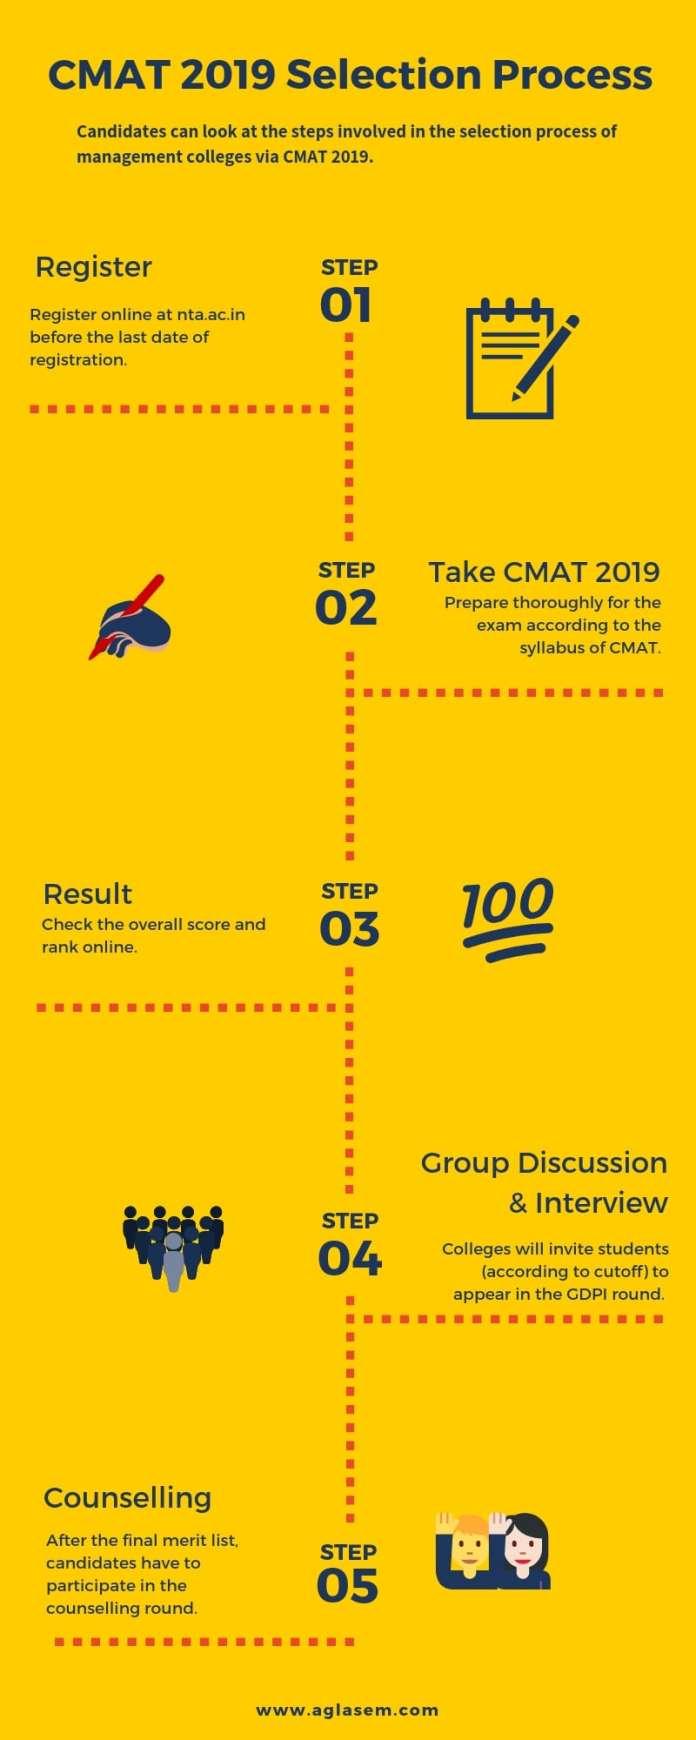 CMAT Selection Process 2019